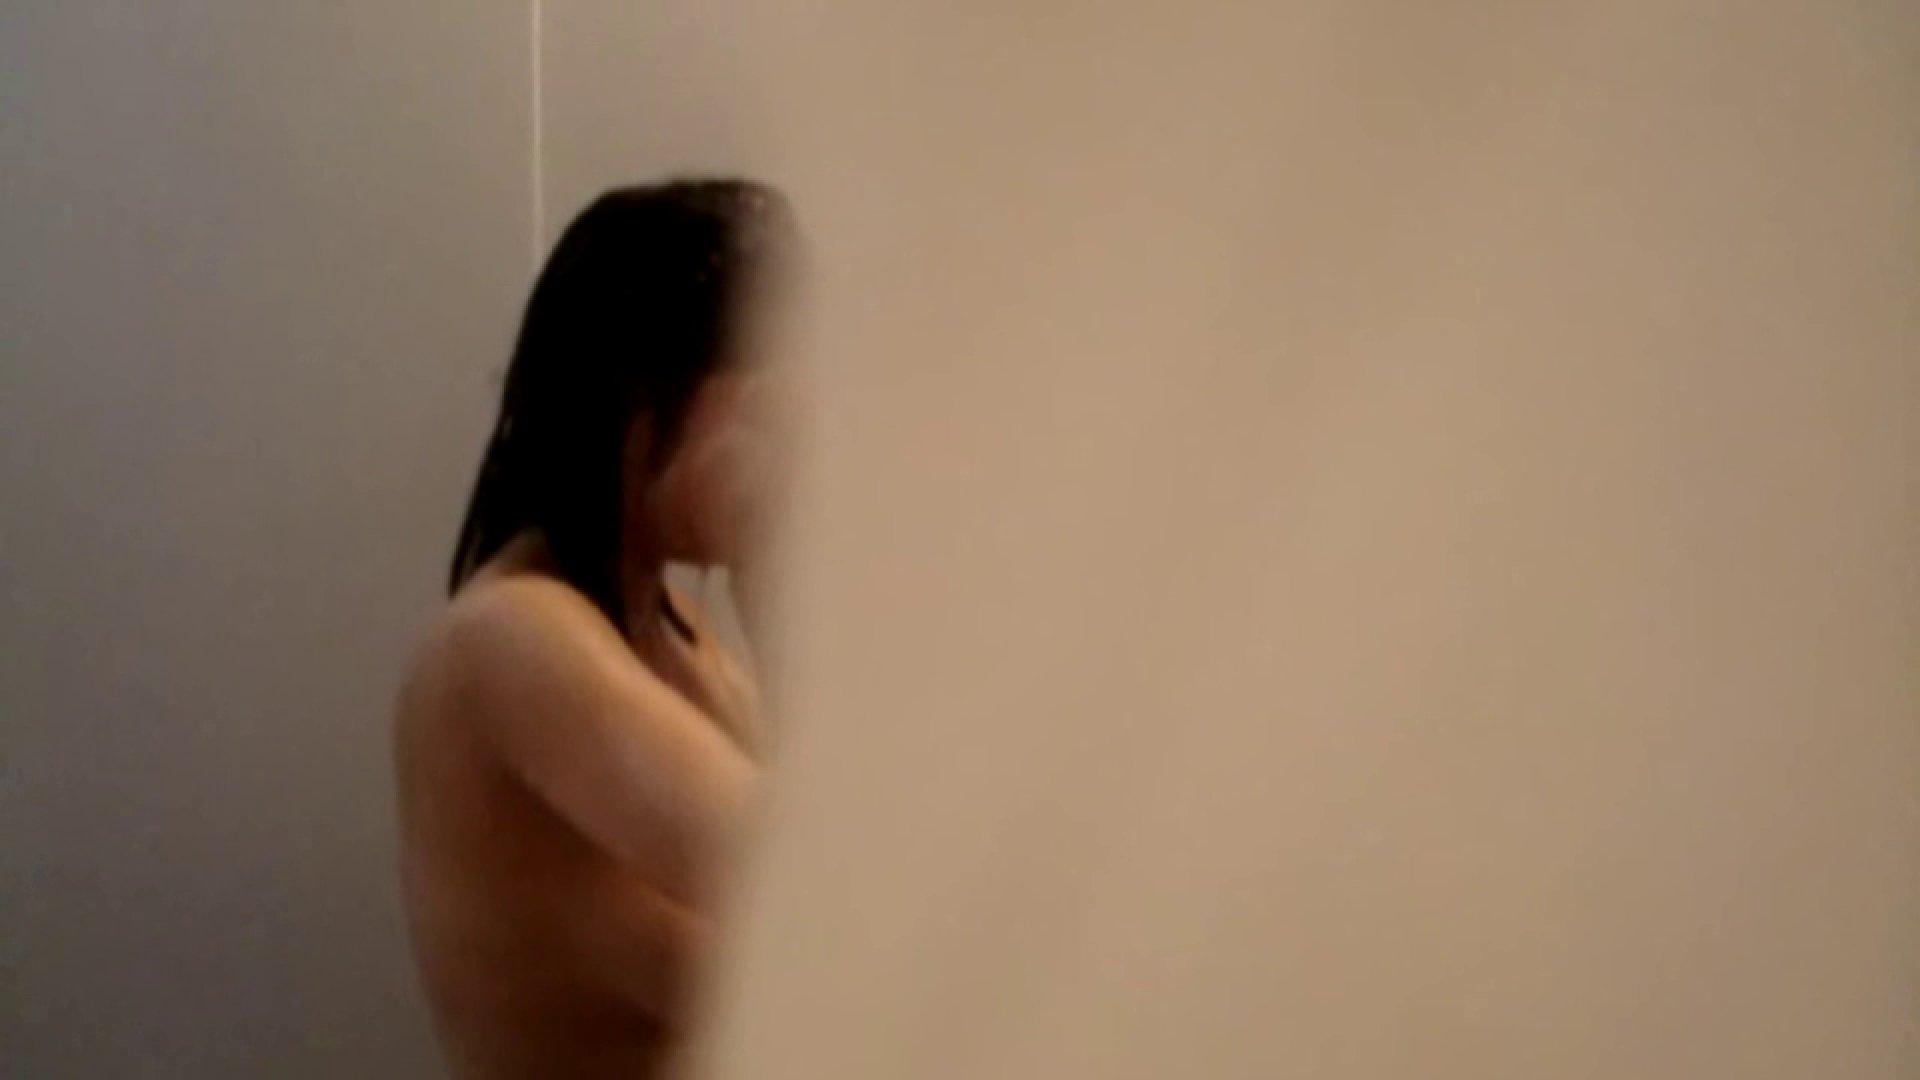 vol.2 葵のグラドル顔負けの爆乳を入浴シーンでどうぞ。 入浴中 おめこ無修正動画無料 111画像 23